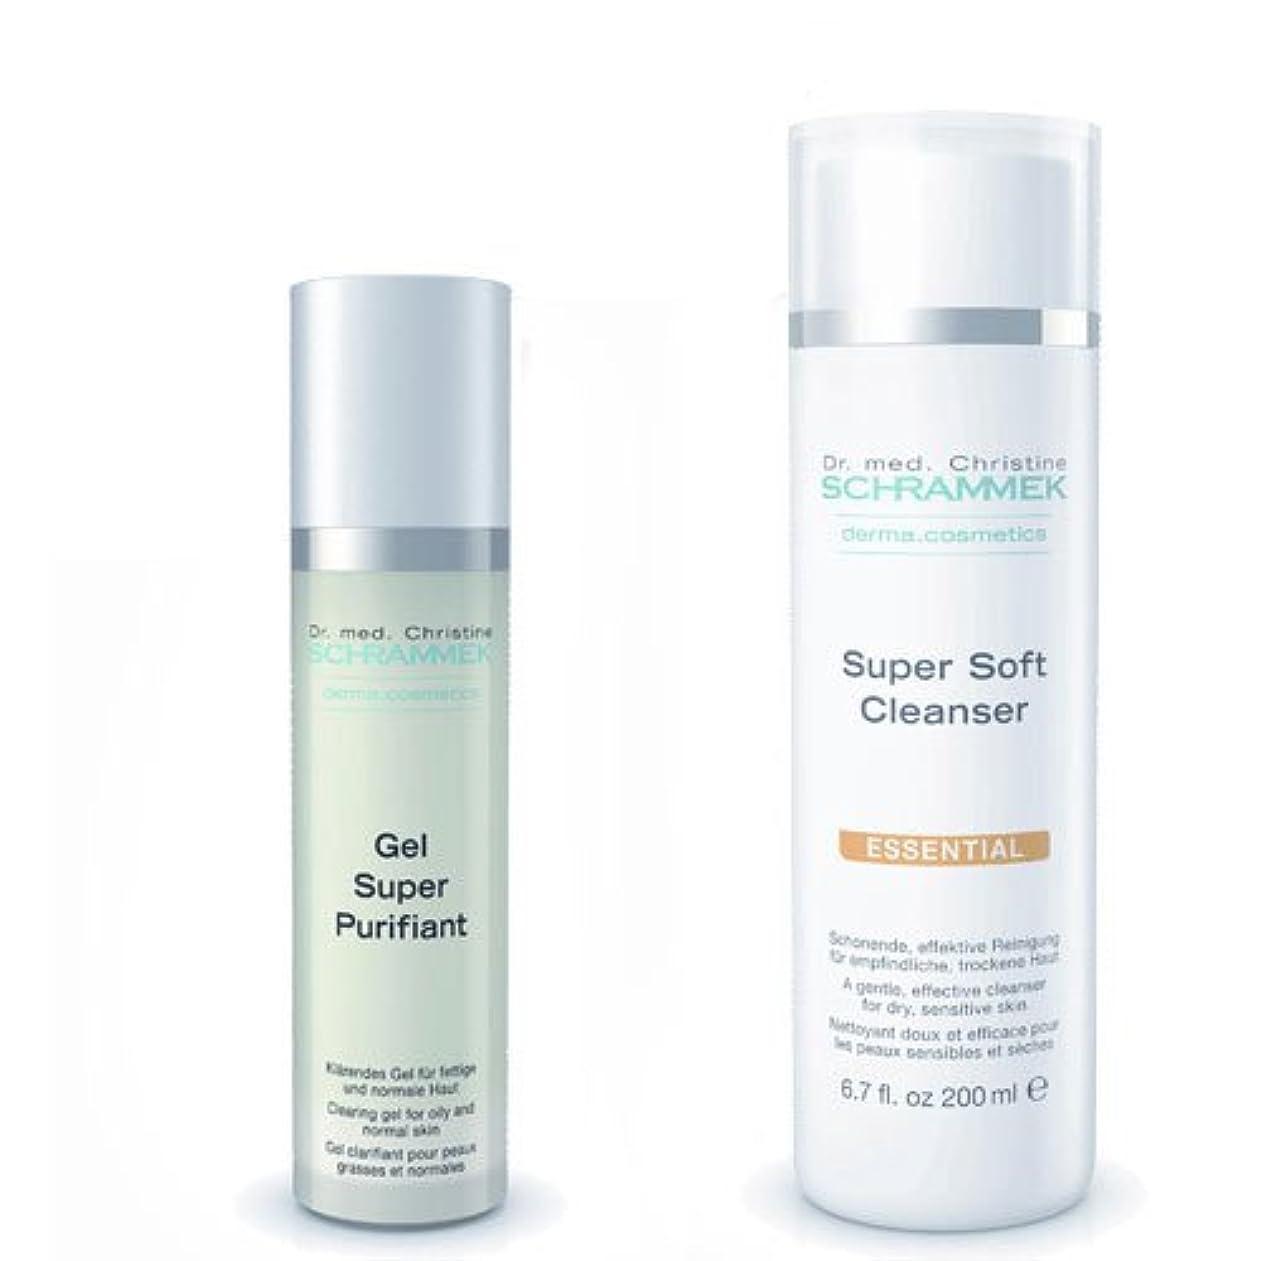 に話す珍しいシャンプーシュラメック 「GREEN PEEL 洗顔2点セット(ノーマル肌?敏感肌?乾燥肌用)」 スーパーソフトクレンザー&ジェルスーパーピュリフィアント